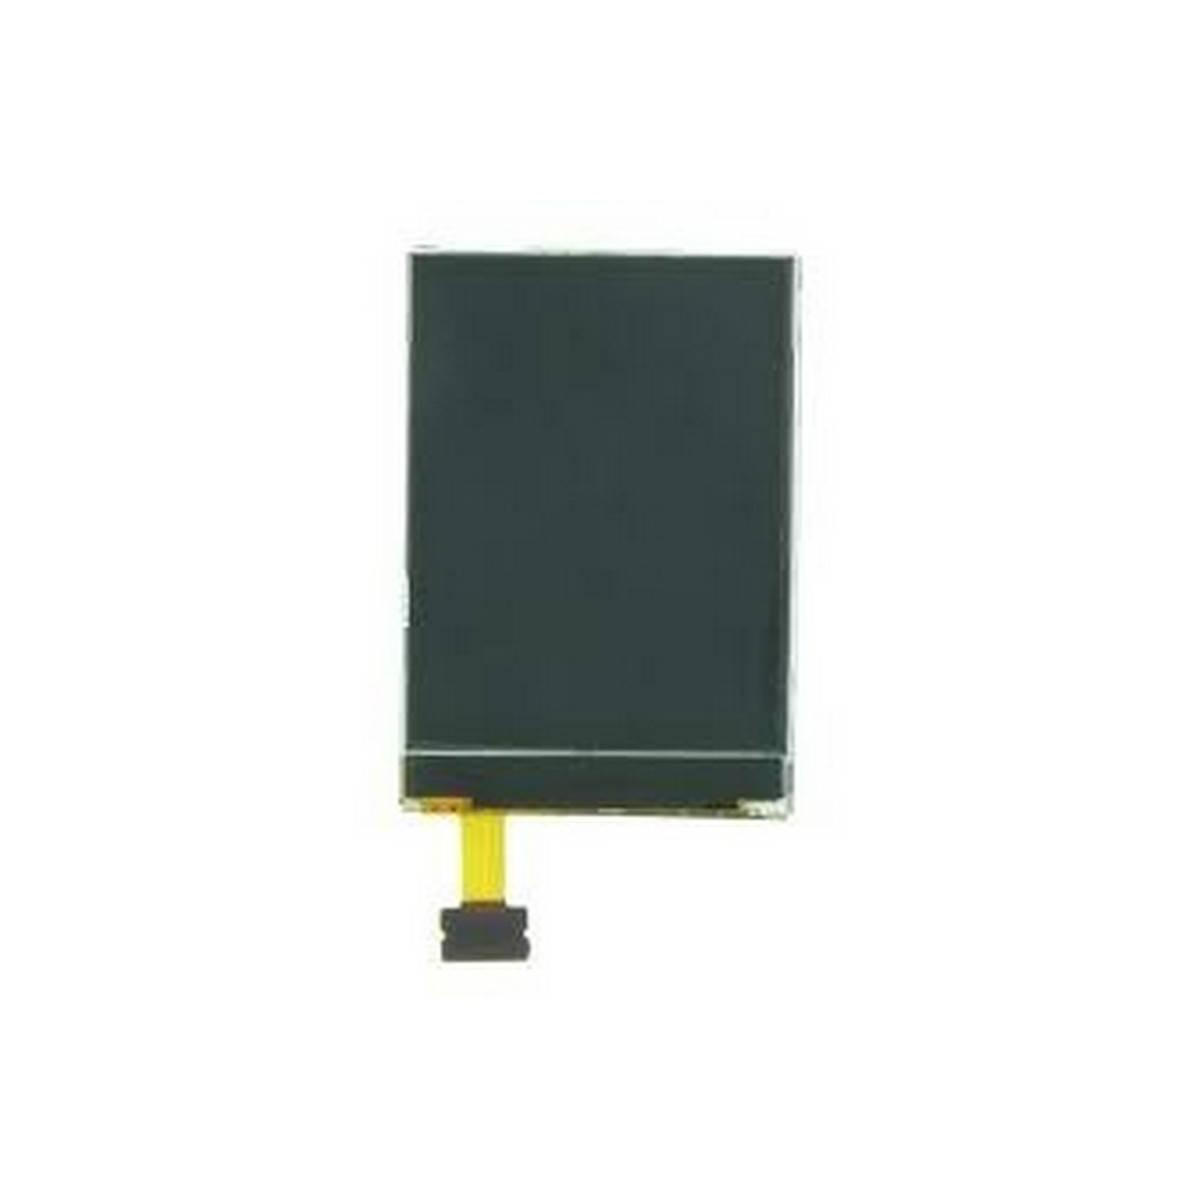 NOKIA 6300/6301/6120, DISPLAY ecrã LCD ORIGINAL